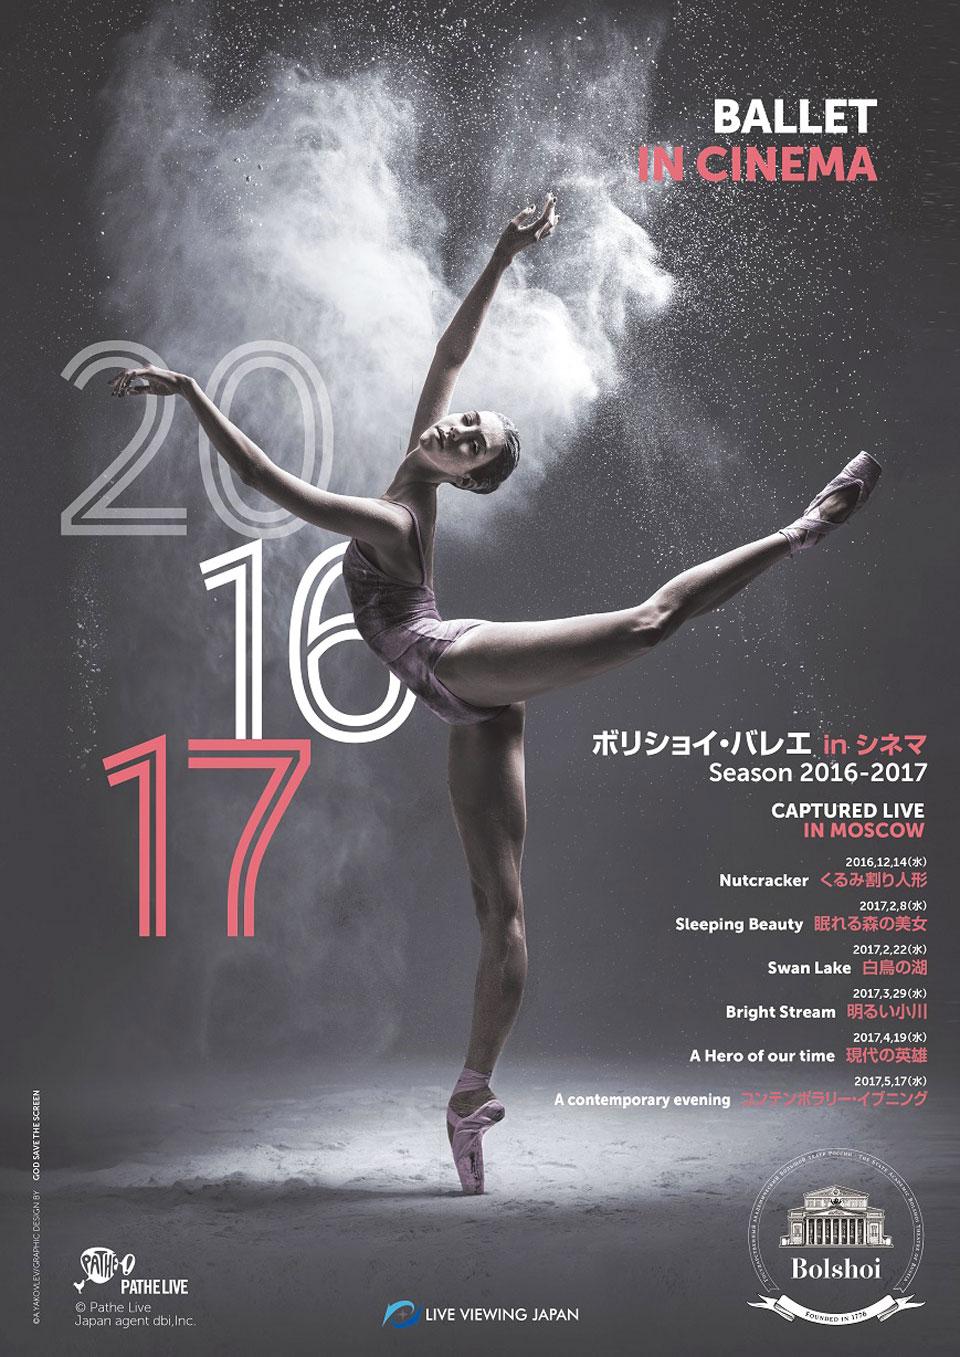 ボリショイ・バレエ in シネマSeason 2016 - 2017